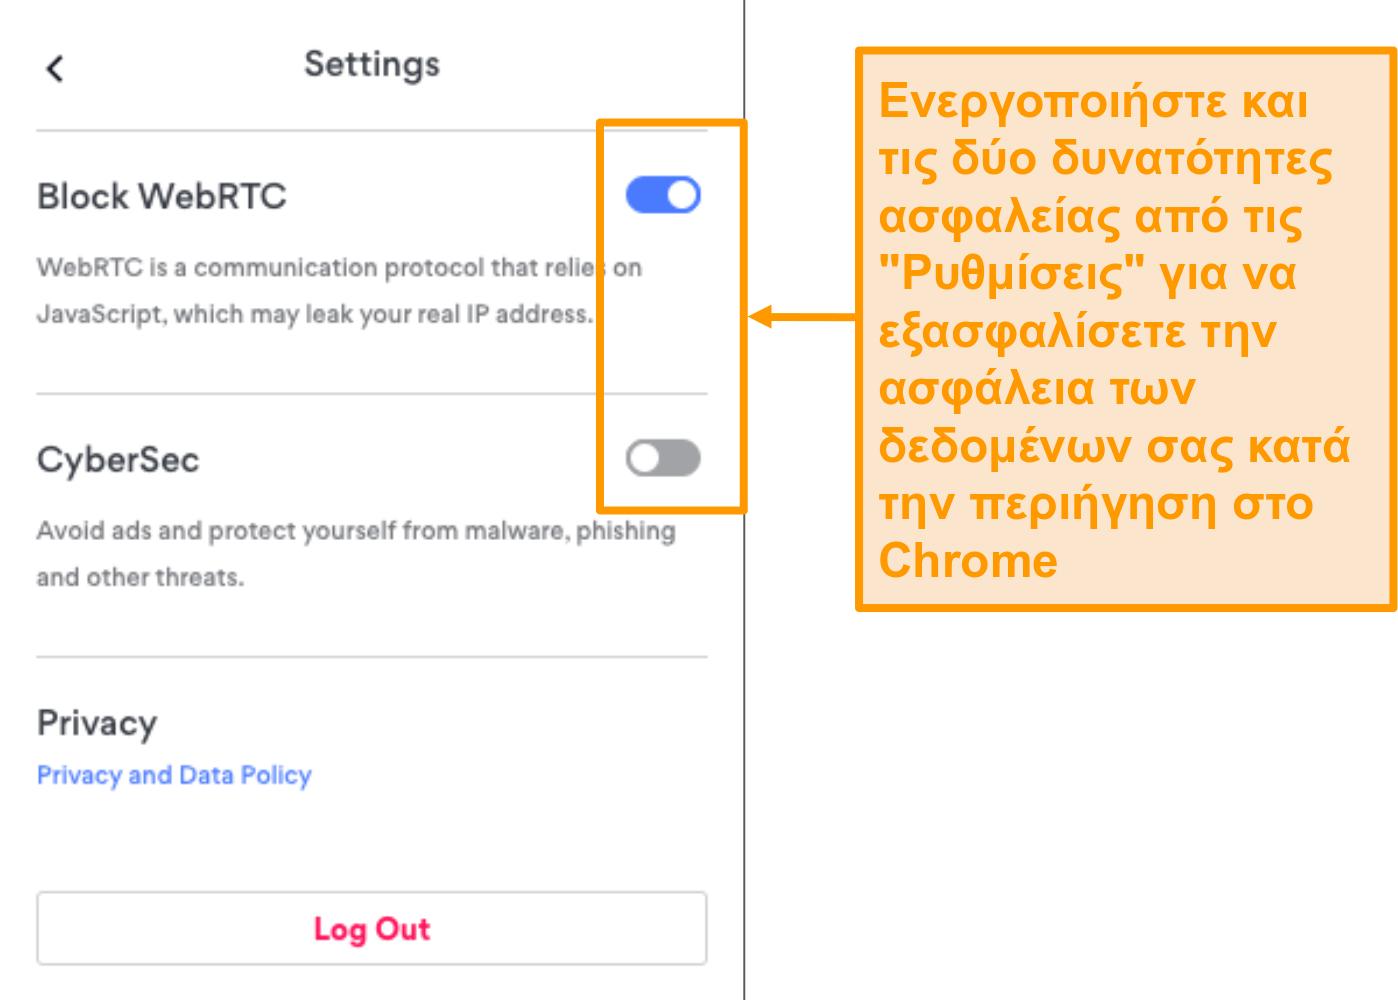 Στιγμιότυπο οθόνης των λειτουργιών ασφαλείας της επέκτασης προγράμματος περιήγησης Chrome του NordVPN.